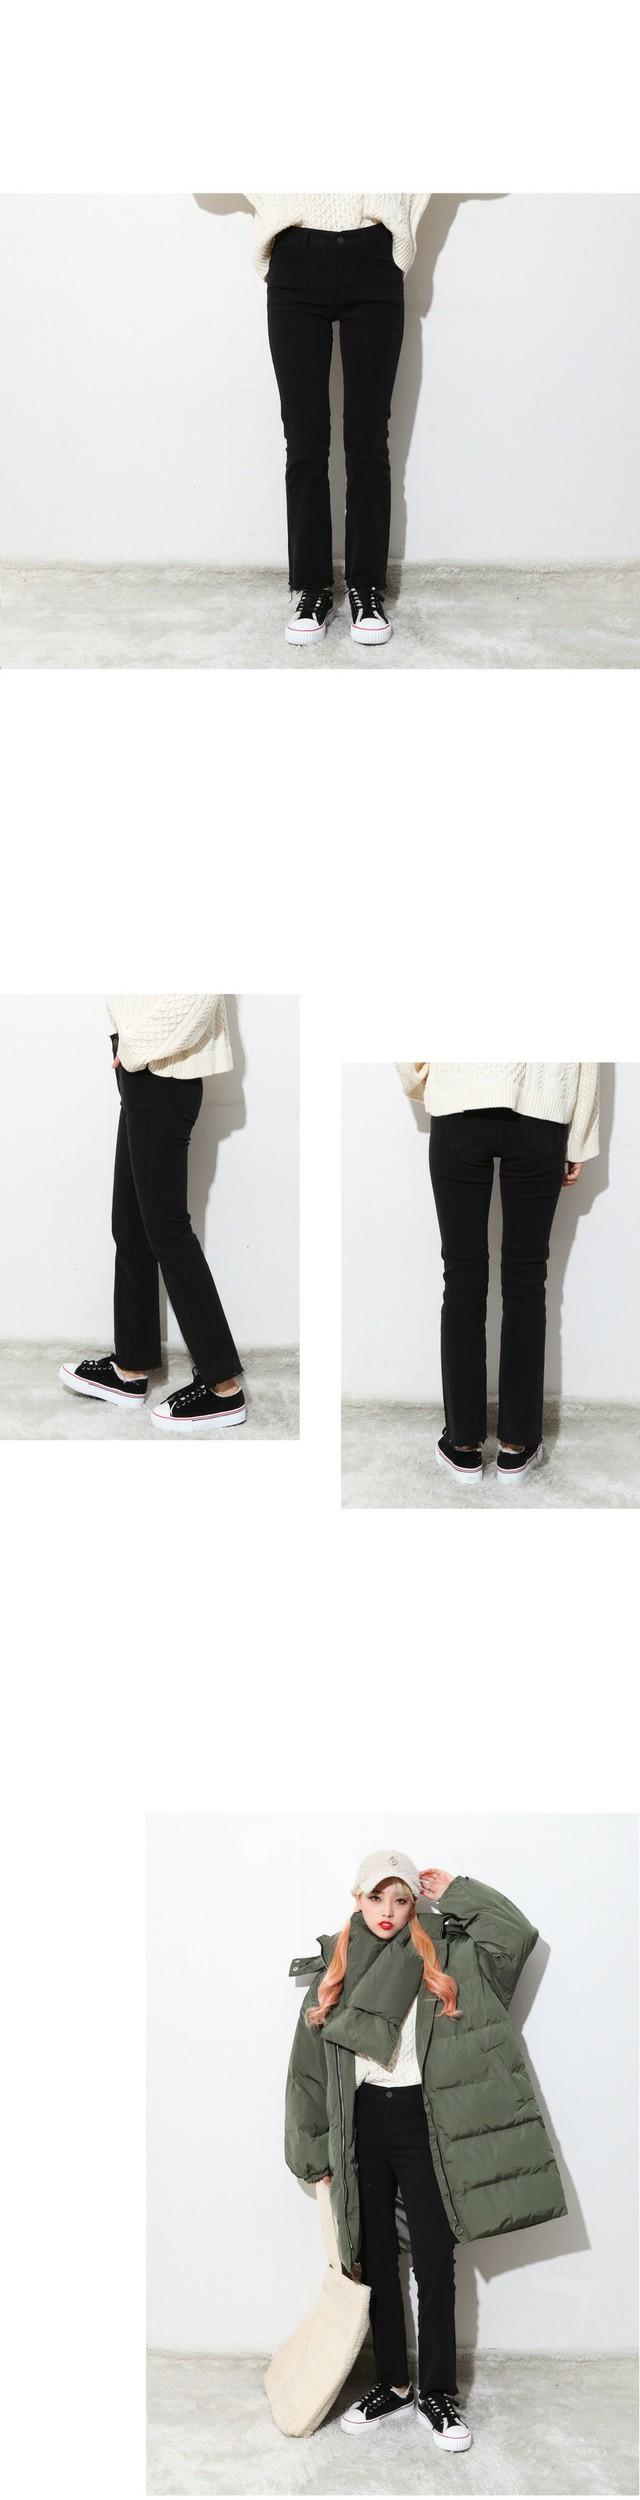 Long legs boot cut P